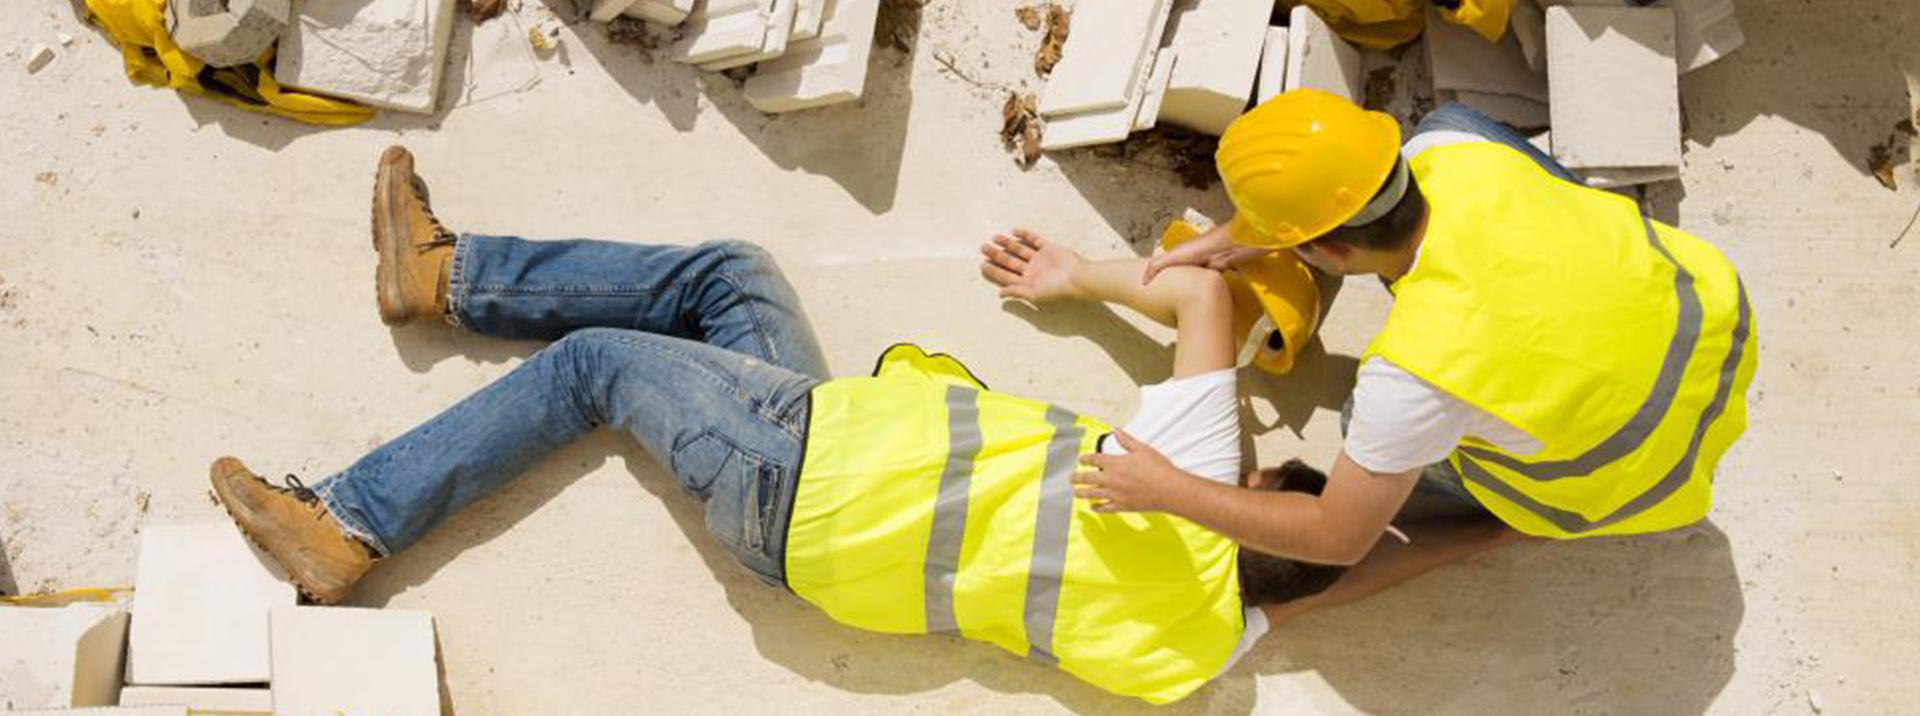 Obligațiile angajatorului în cazul unui accident de muncă